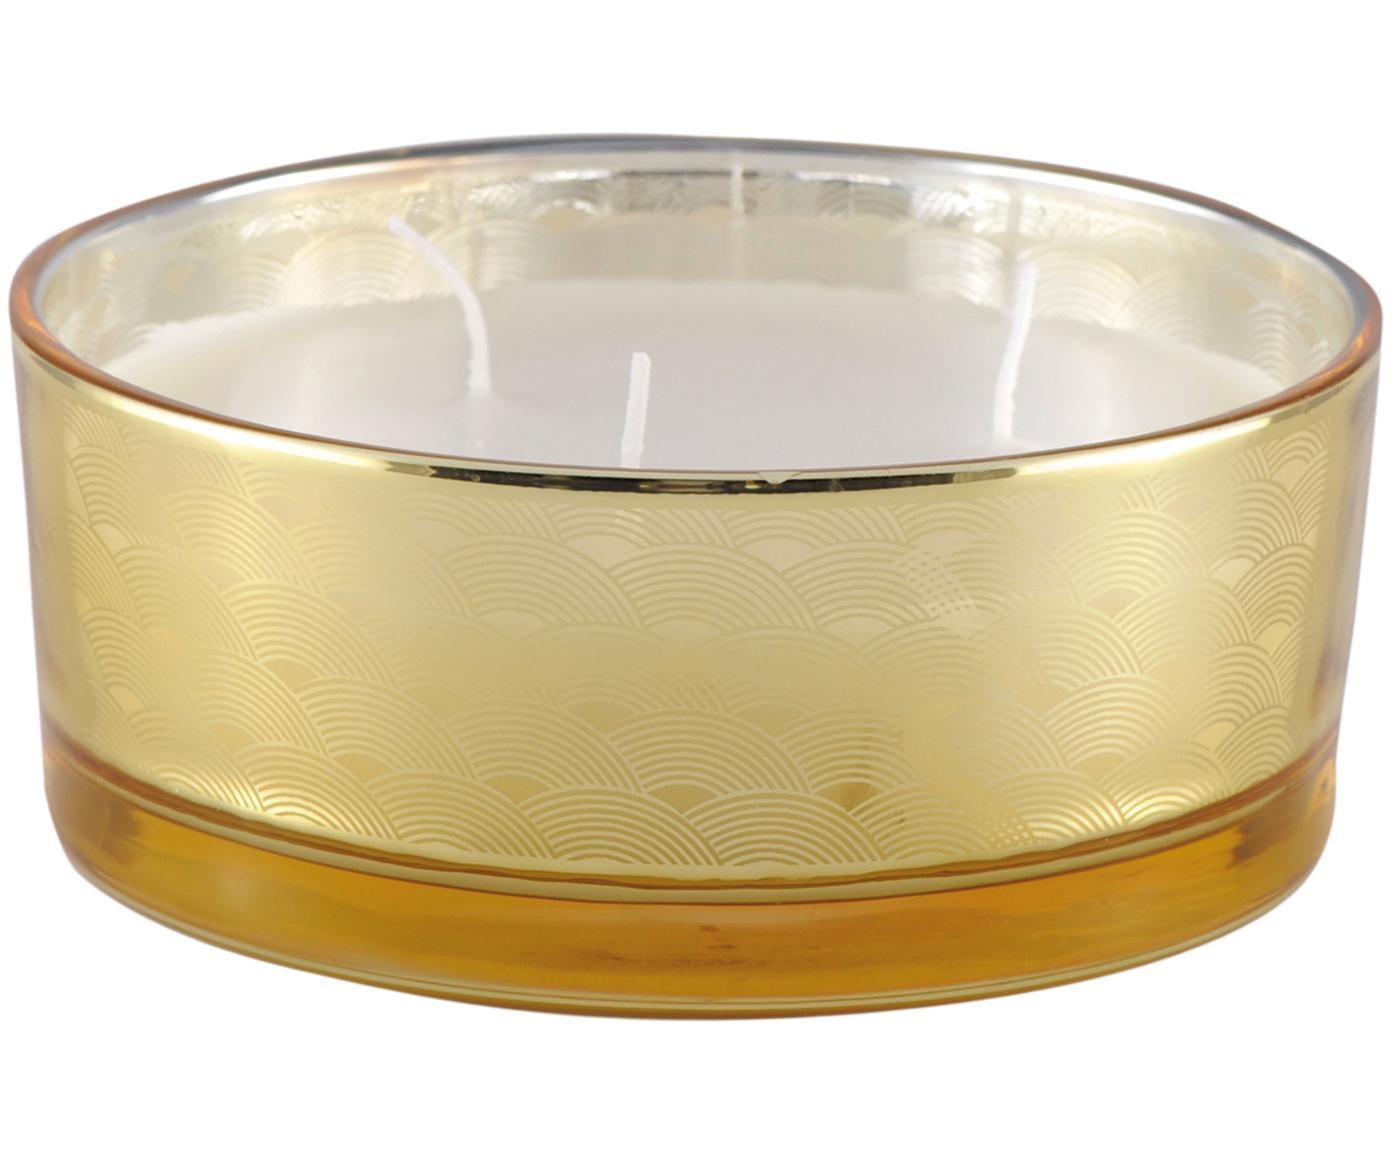 Vela de tres mechas Sunny (vainilla), Recipiente: vidrio, Ámbar transparente, dorado, Ø 15 x Al 6 cm